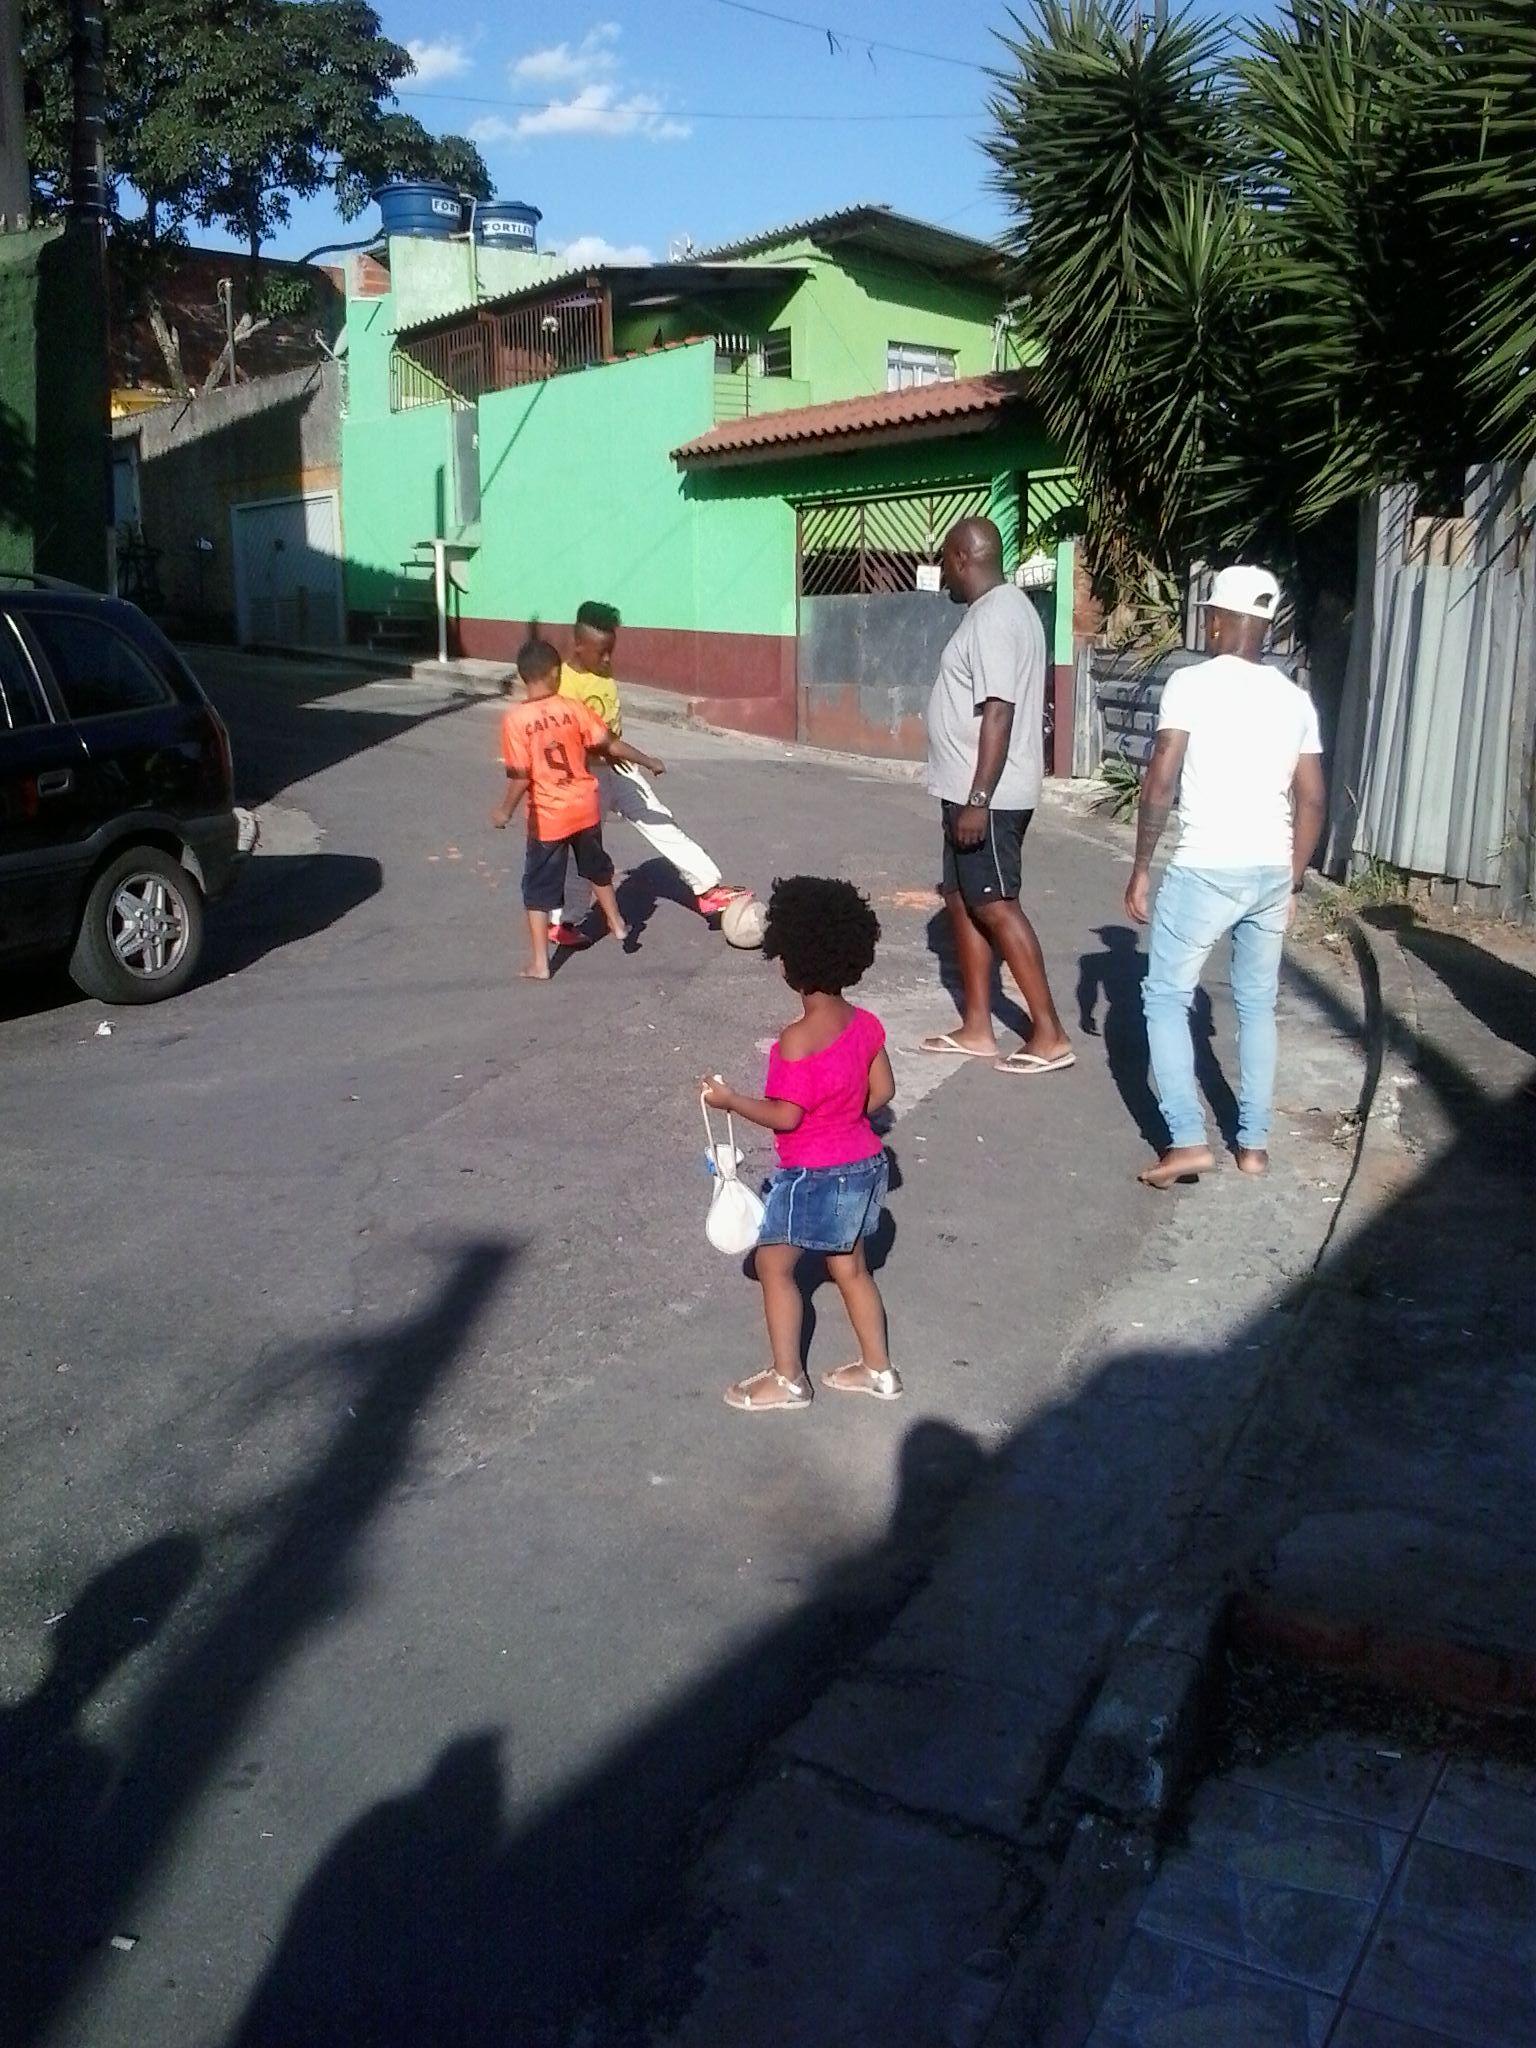 Futebol na rua...